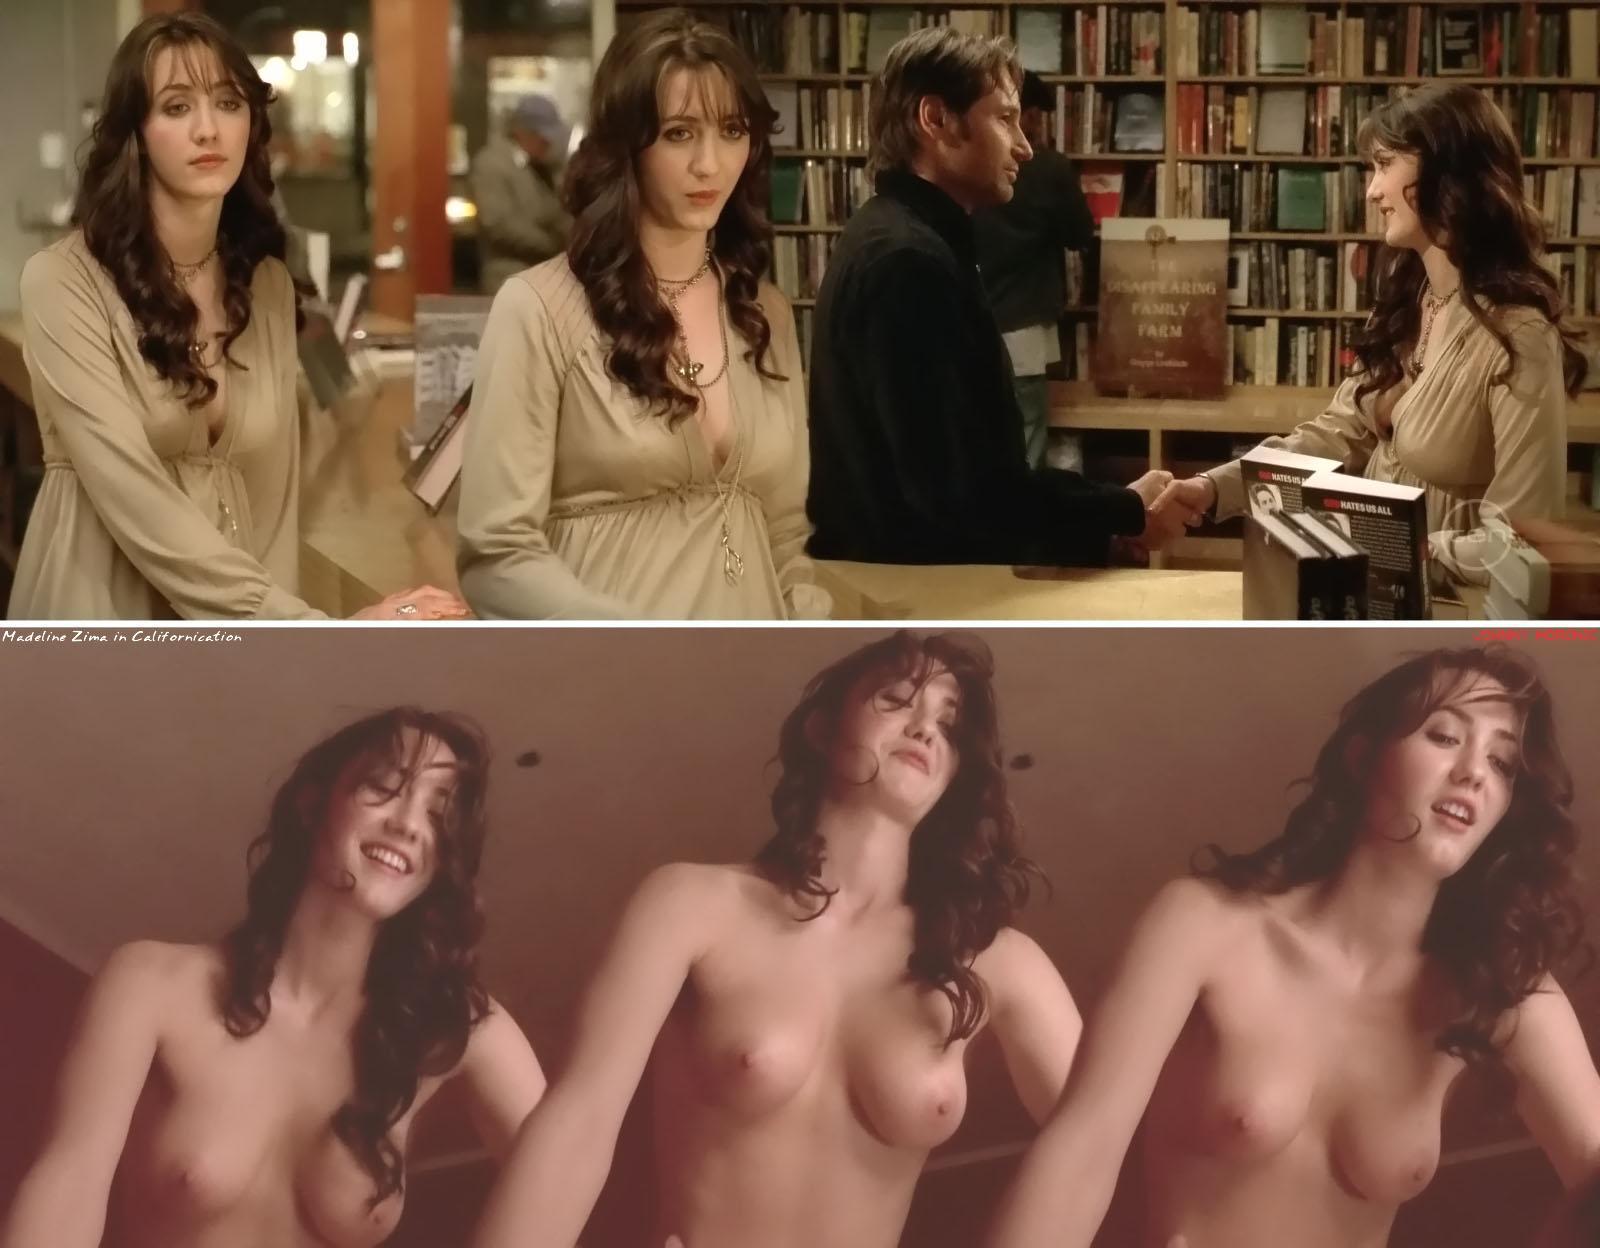 Madeline zima sisters nude — 13